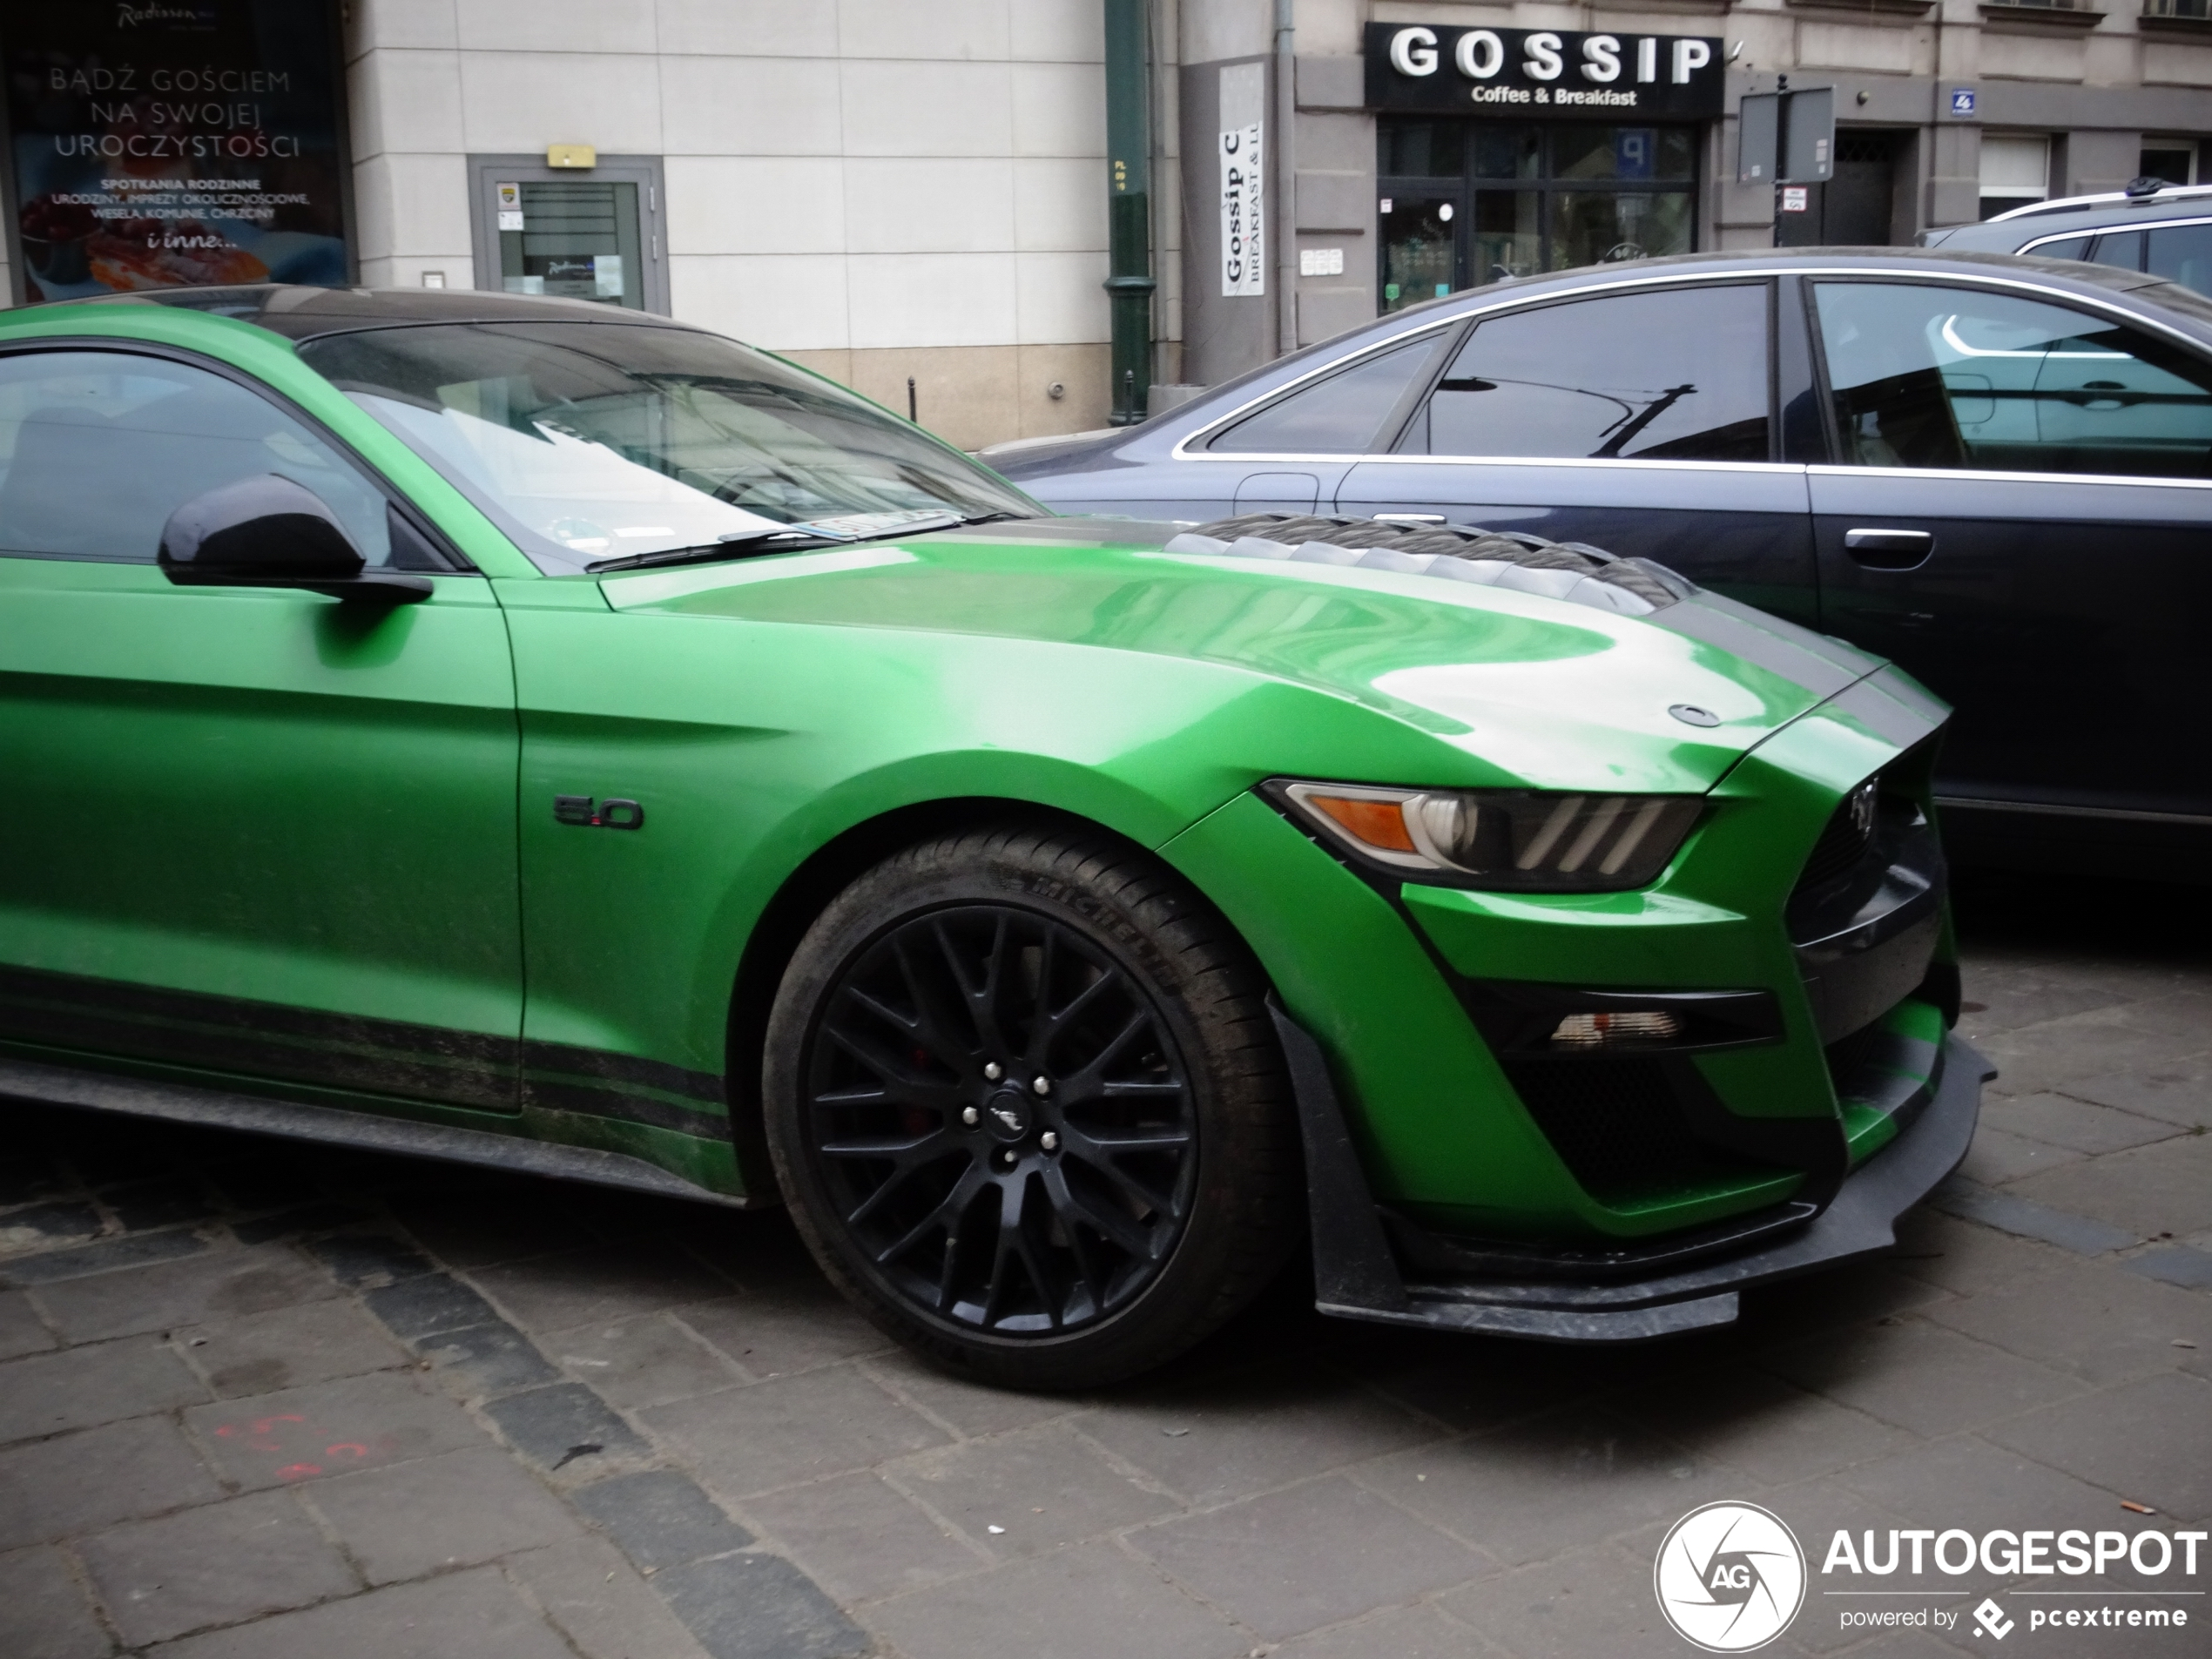 Ford Mustang GT 2018 - 10 June 2020 - Autogespot